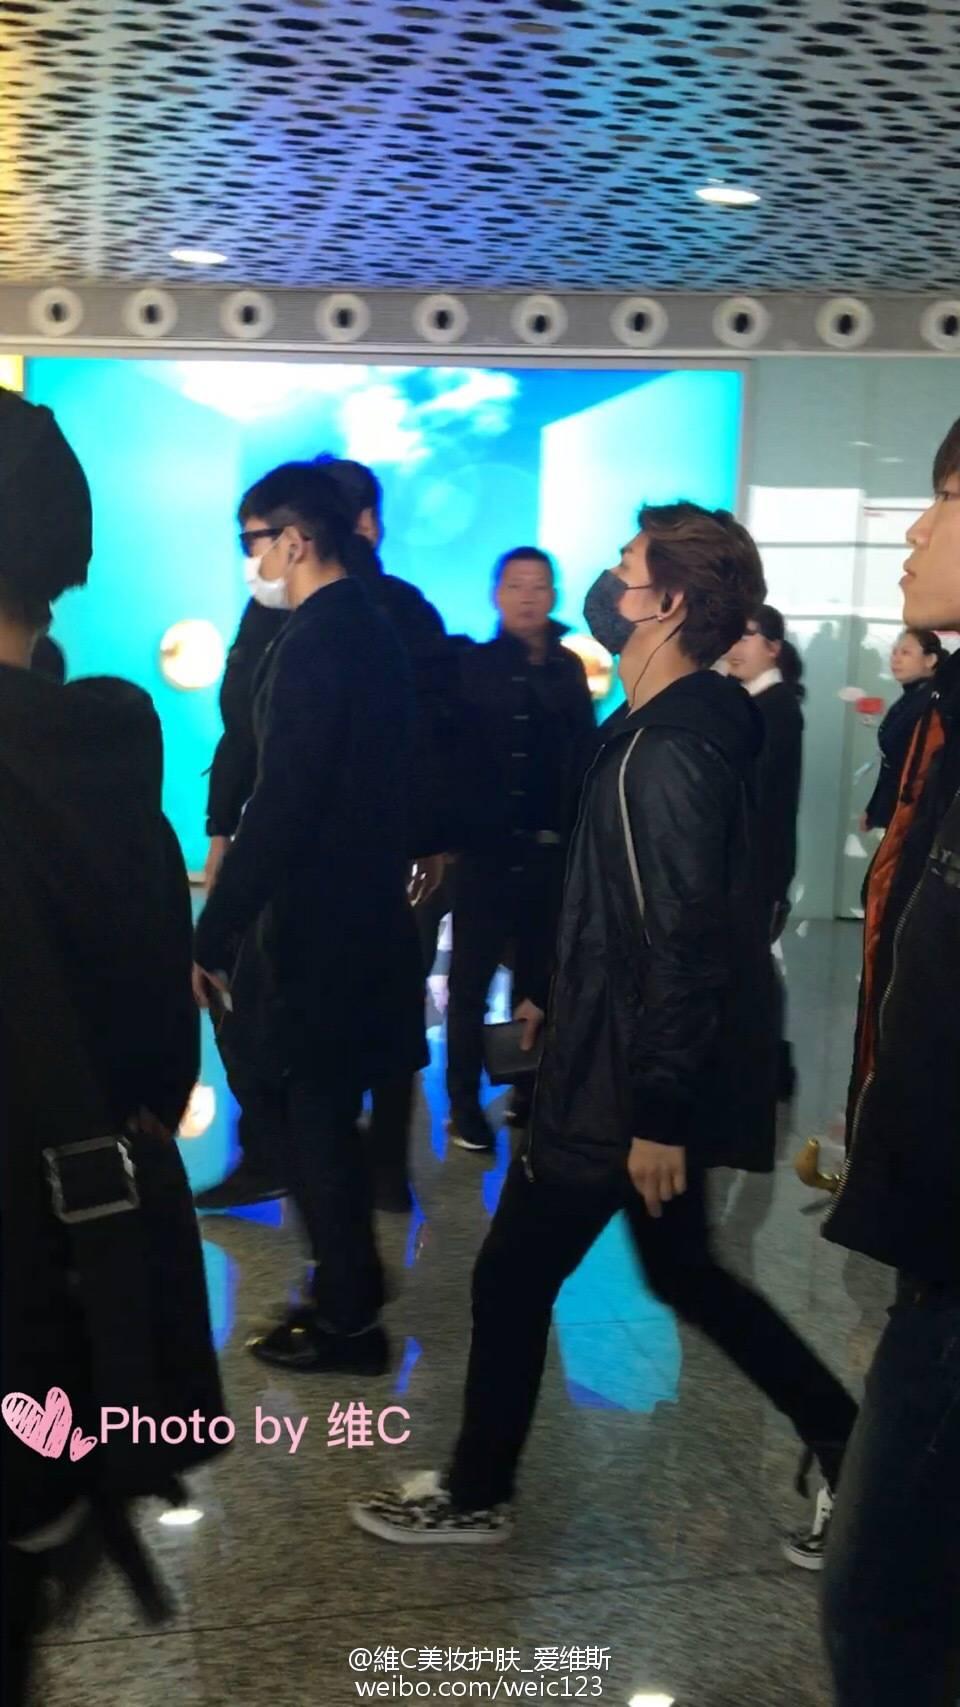 Shenzhen Airport 2016-03-14 (3)